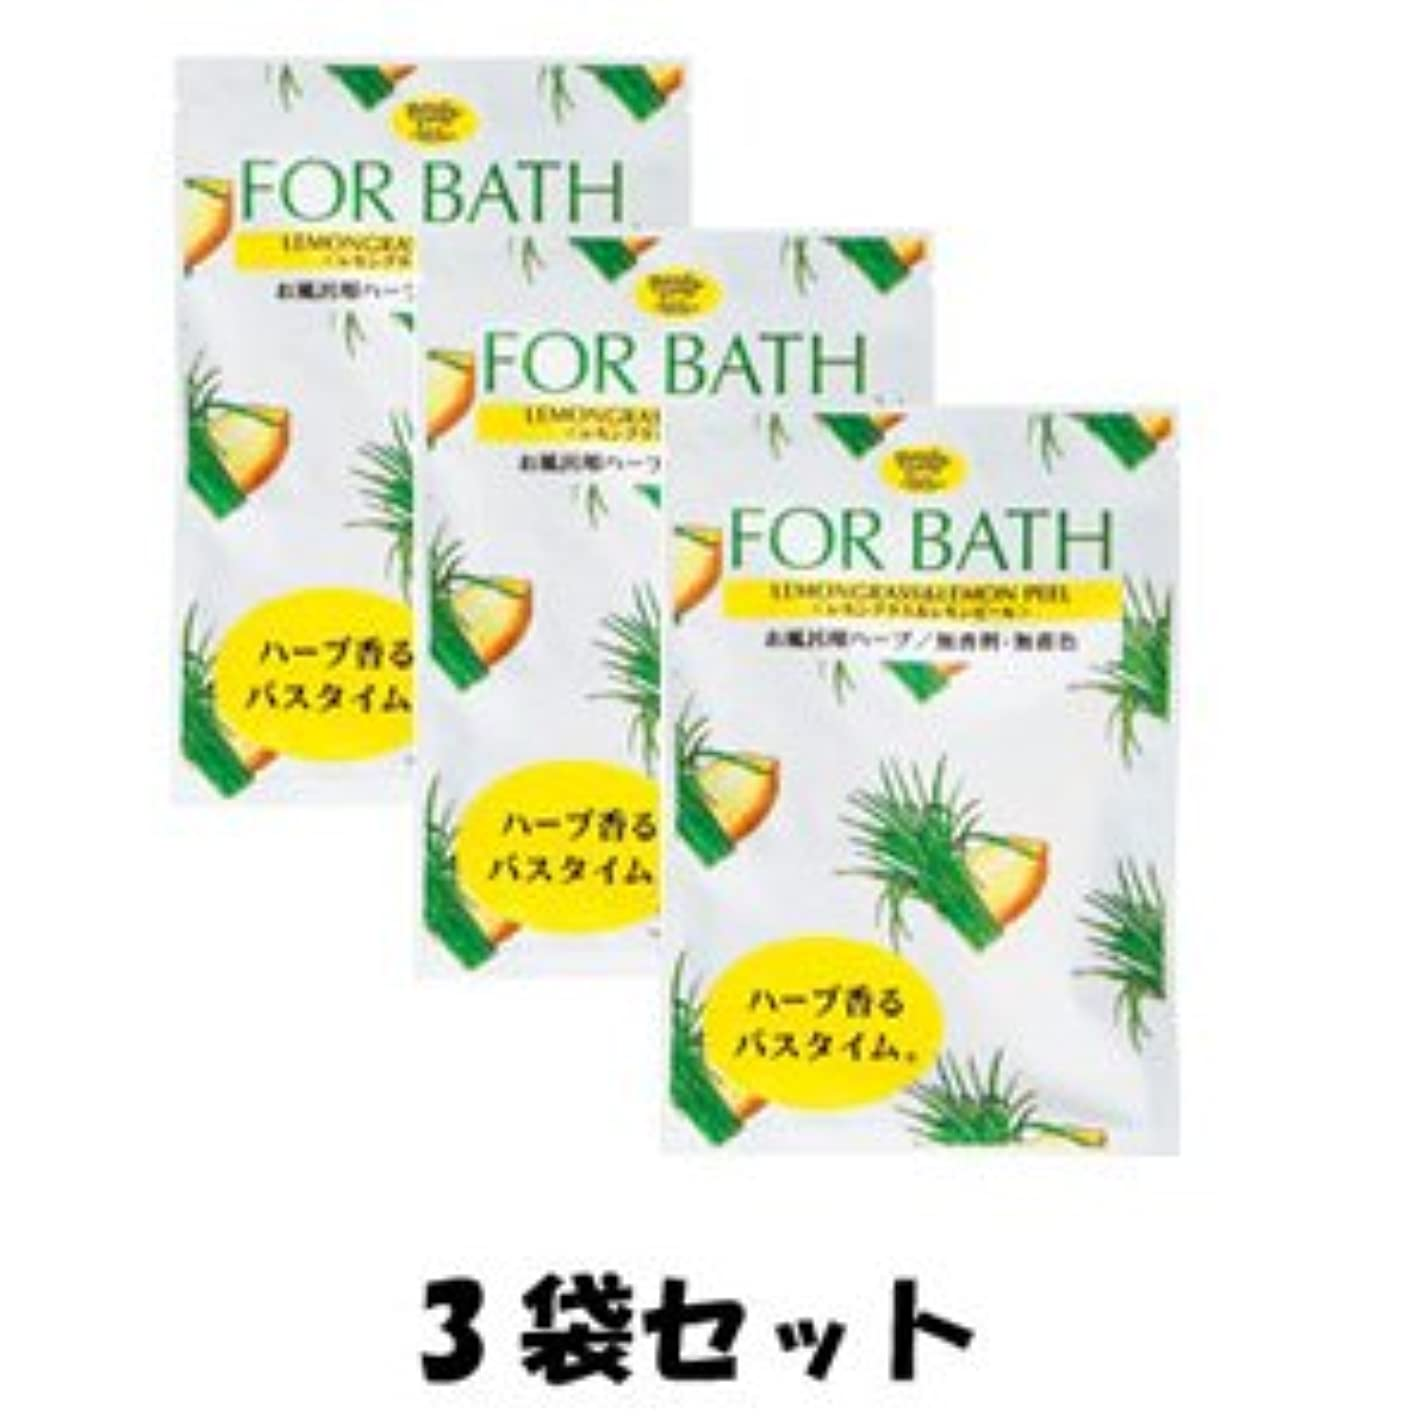 生命体二年生コットンフォアバス レモングラス&レモンピール 3袋セット 天然ハーブ使用